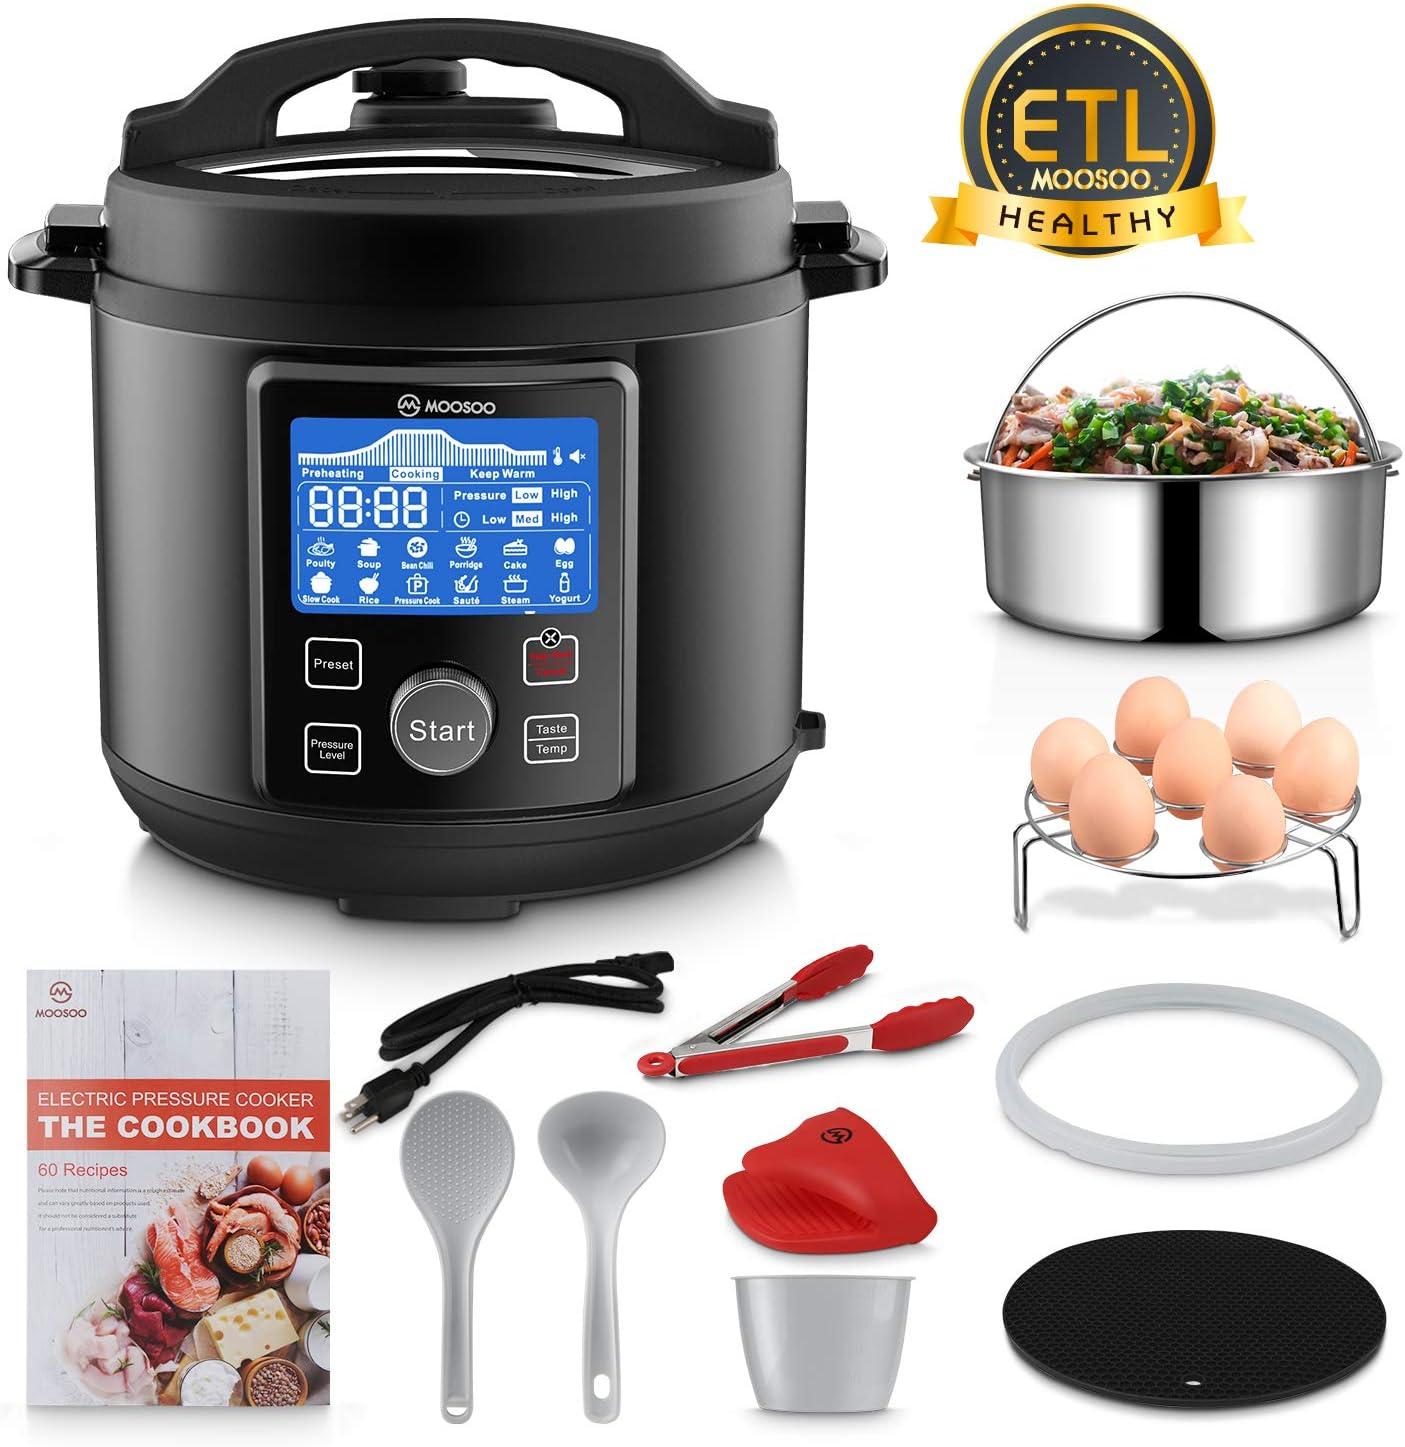 MOOSOO 13-in-1 Instant Digital Pressure Pot - Best Buy Pressure Cooker